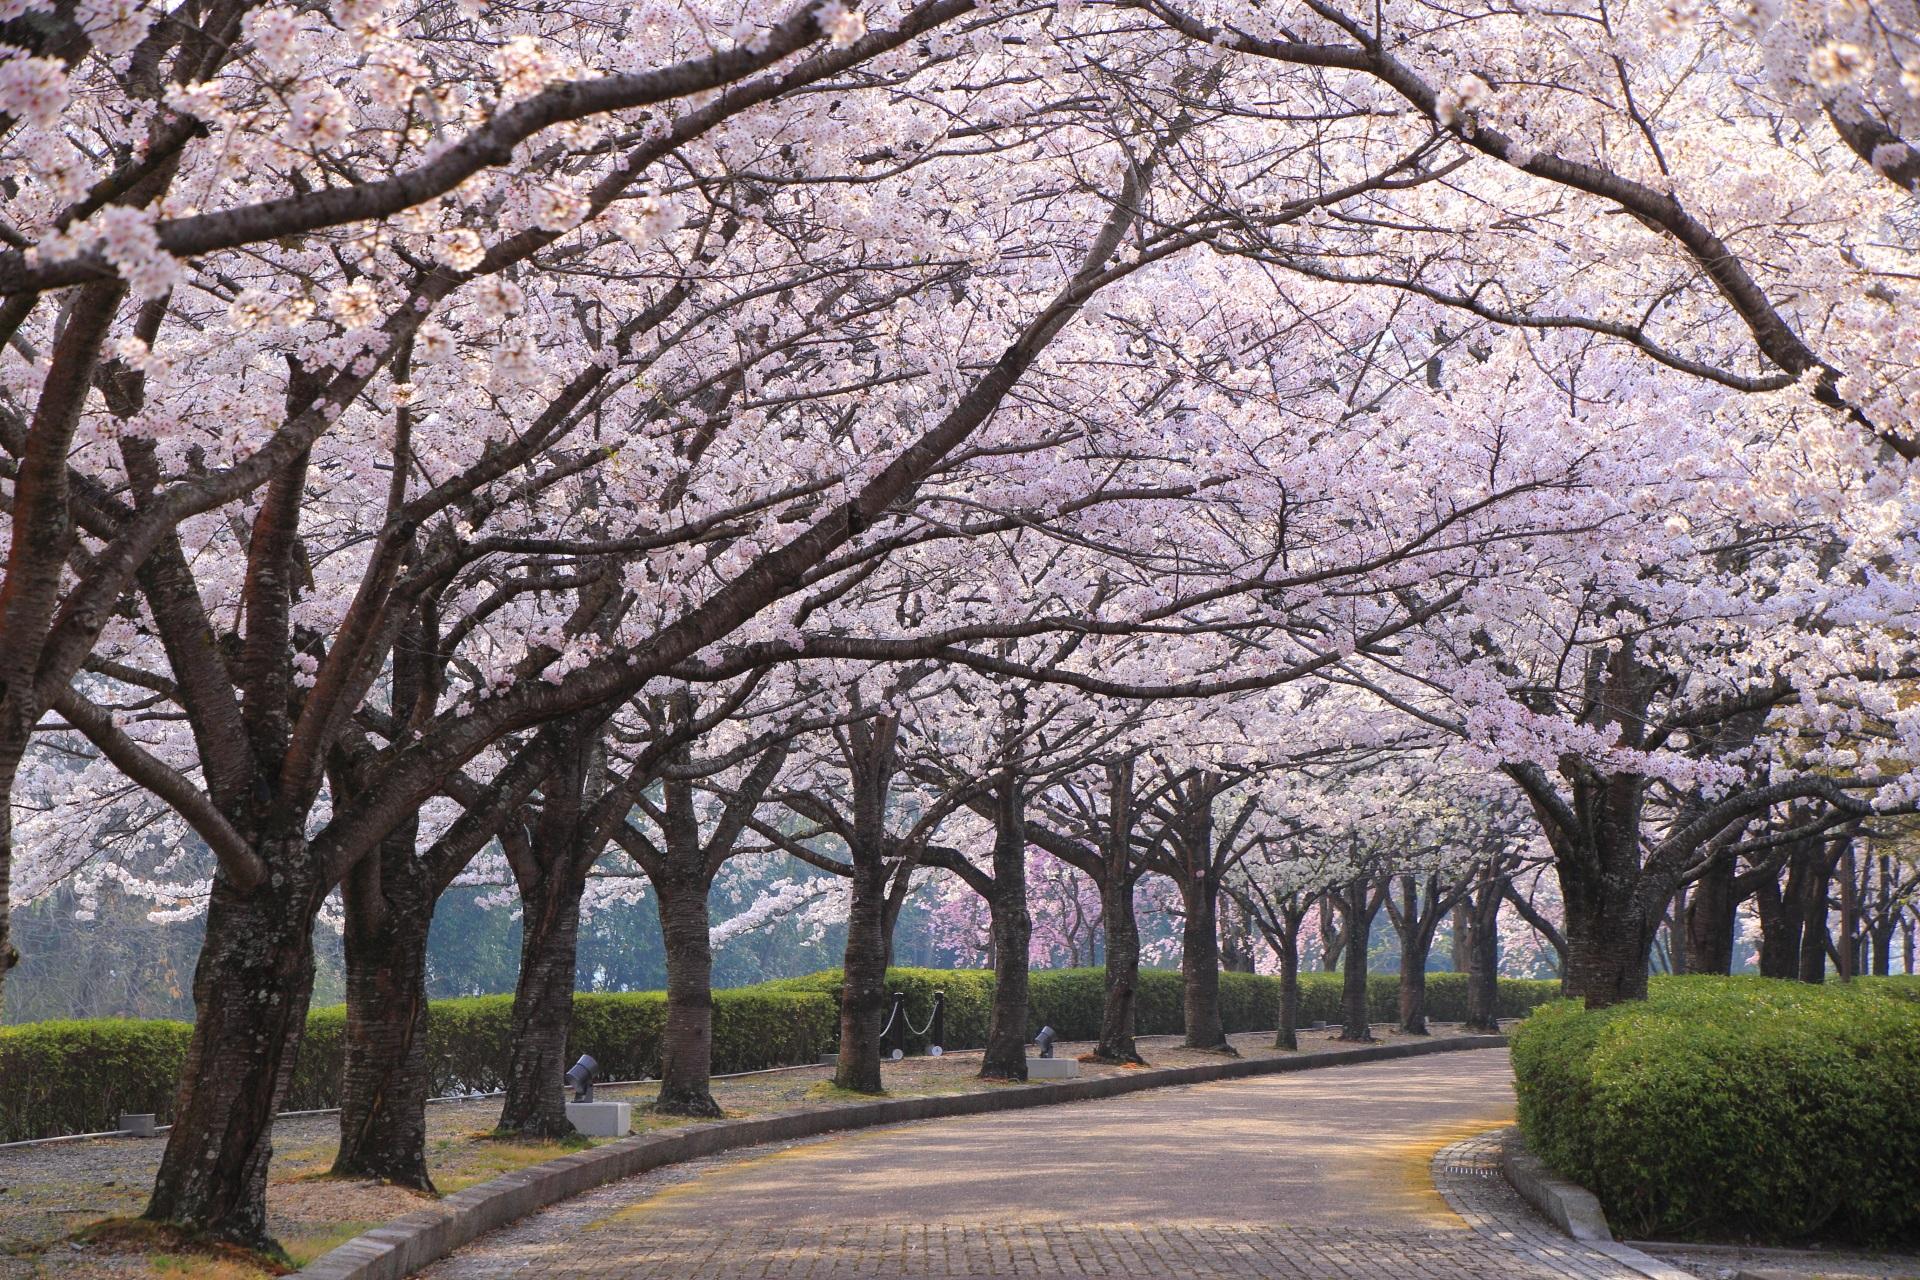 和らぎの道の絶品の桜のトンネル